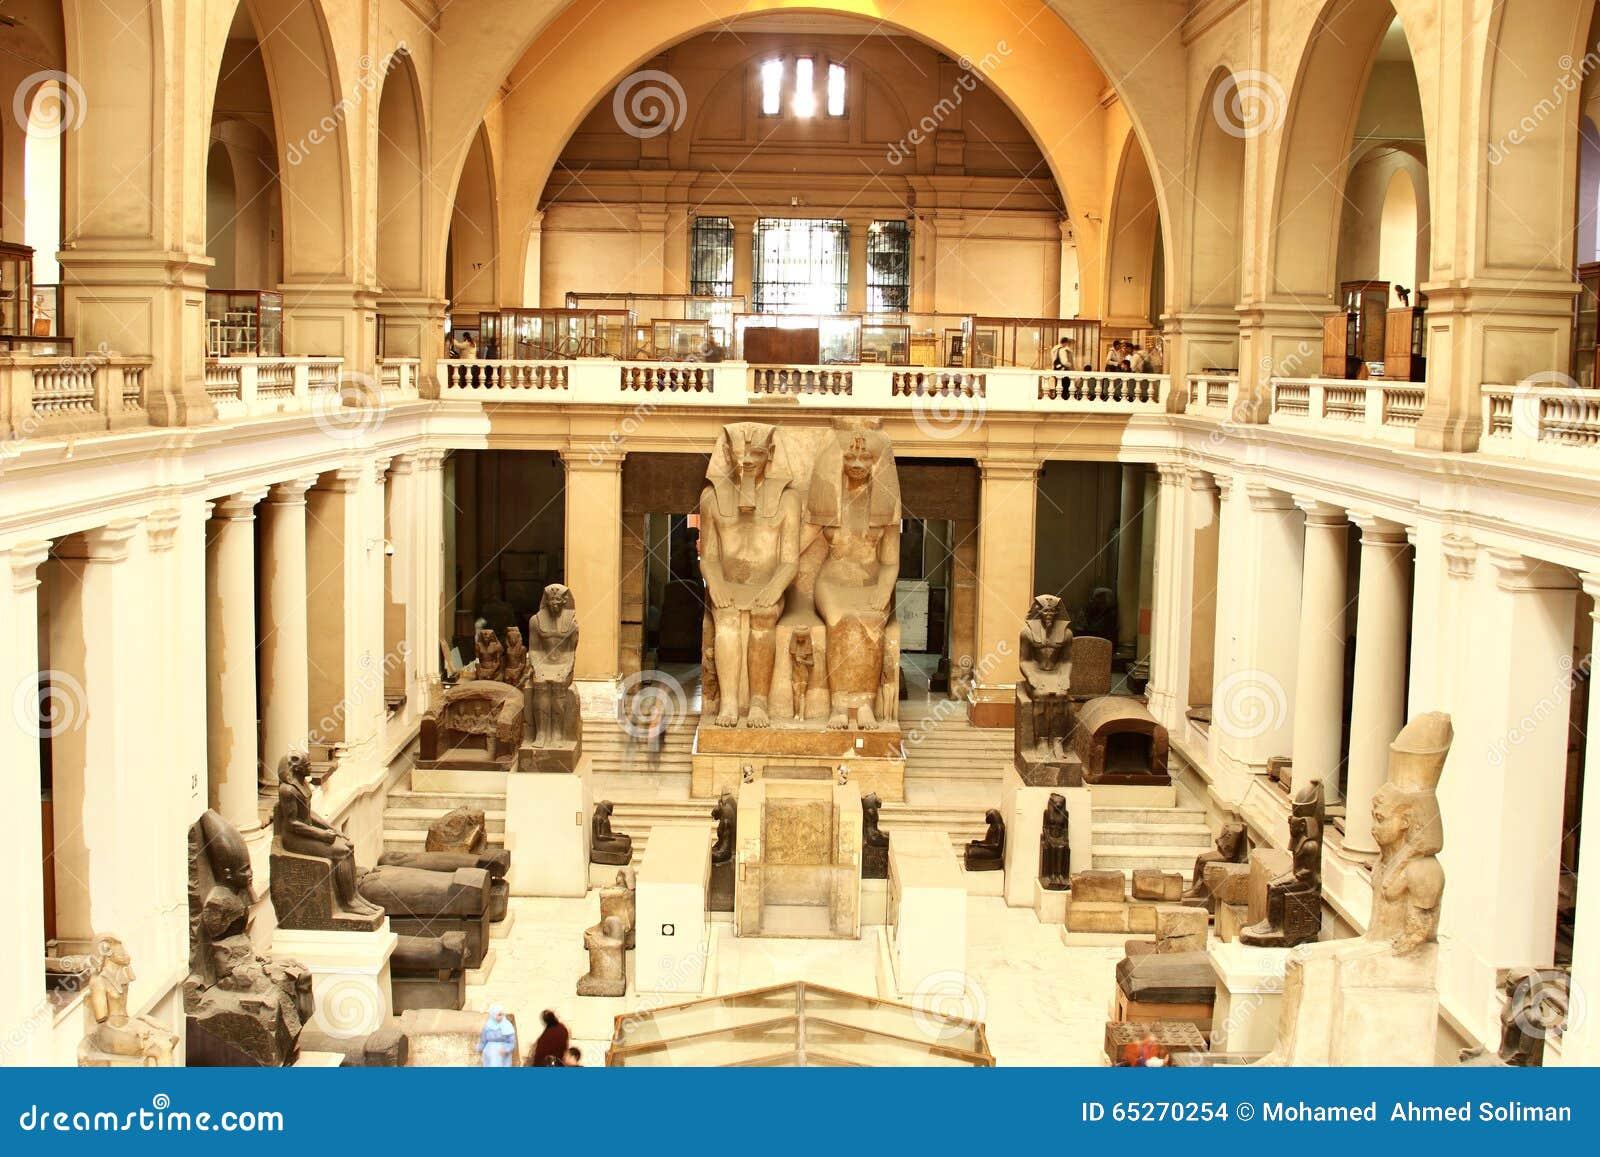 Innenraum des Haupt- Halls, das Museum von ägyptischen Antiquitäten ...